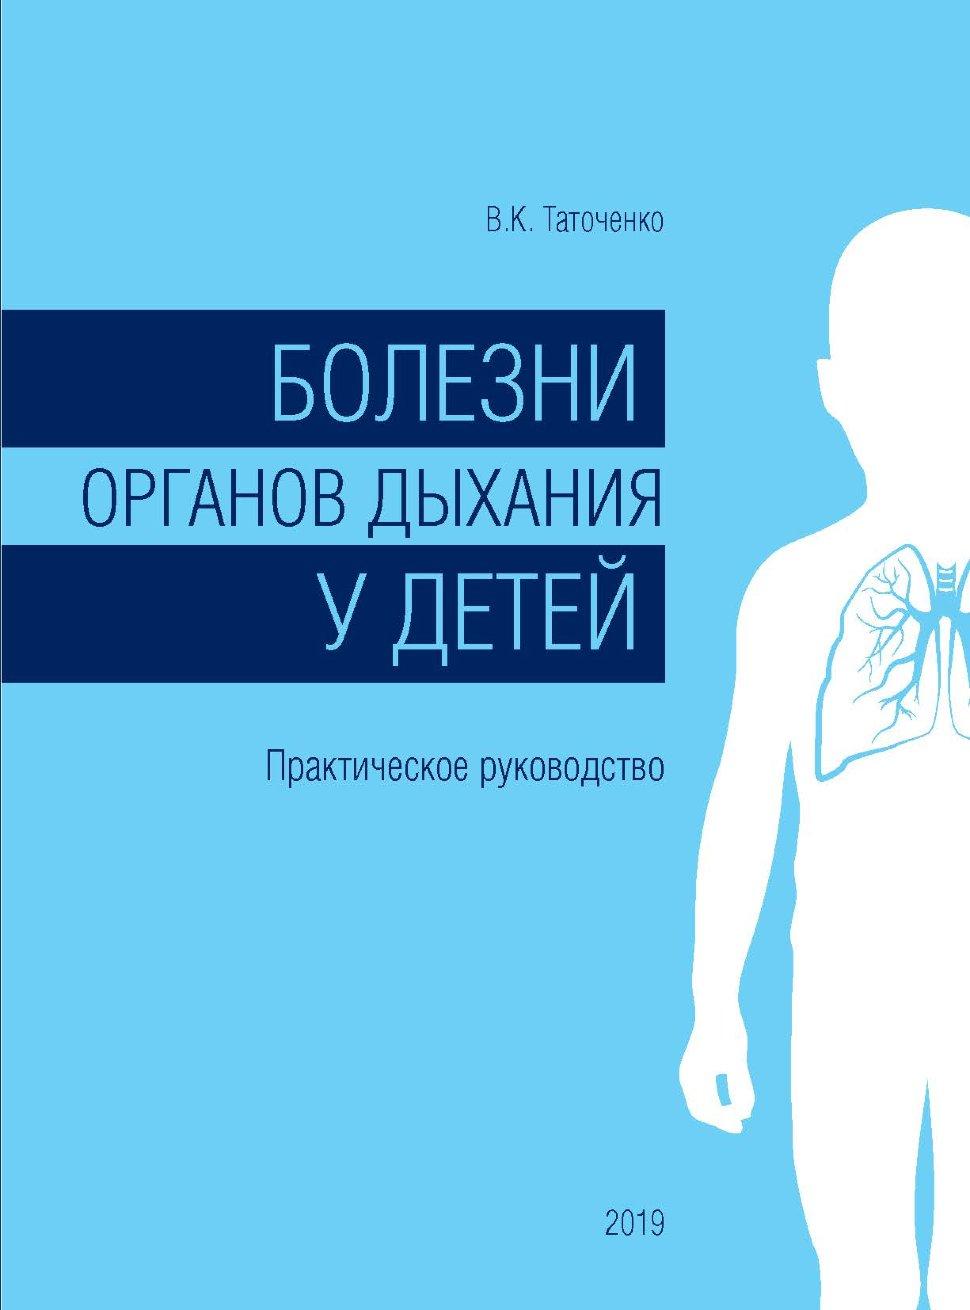 Болезни органов дыхания | лечение, причины, симптомы,  профилактика | болезни и заболевания человека на eurolab